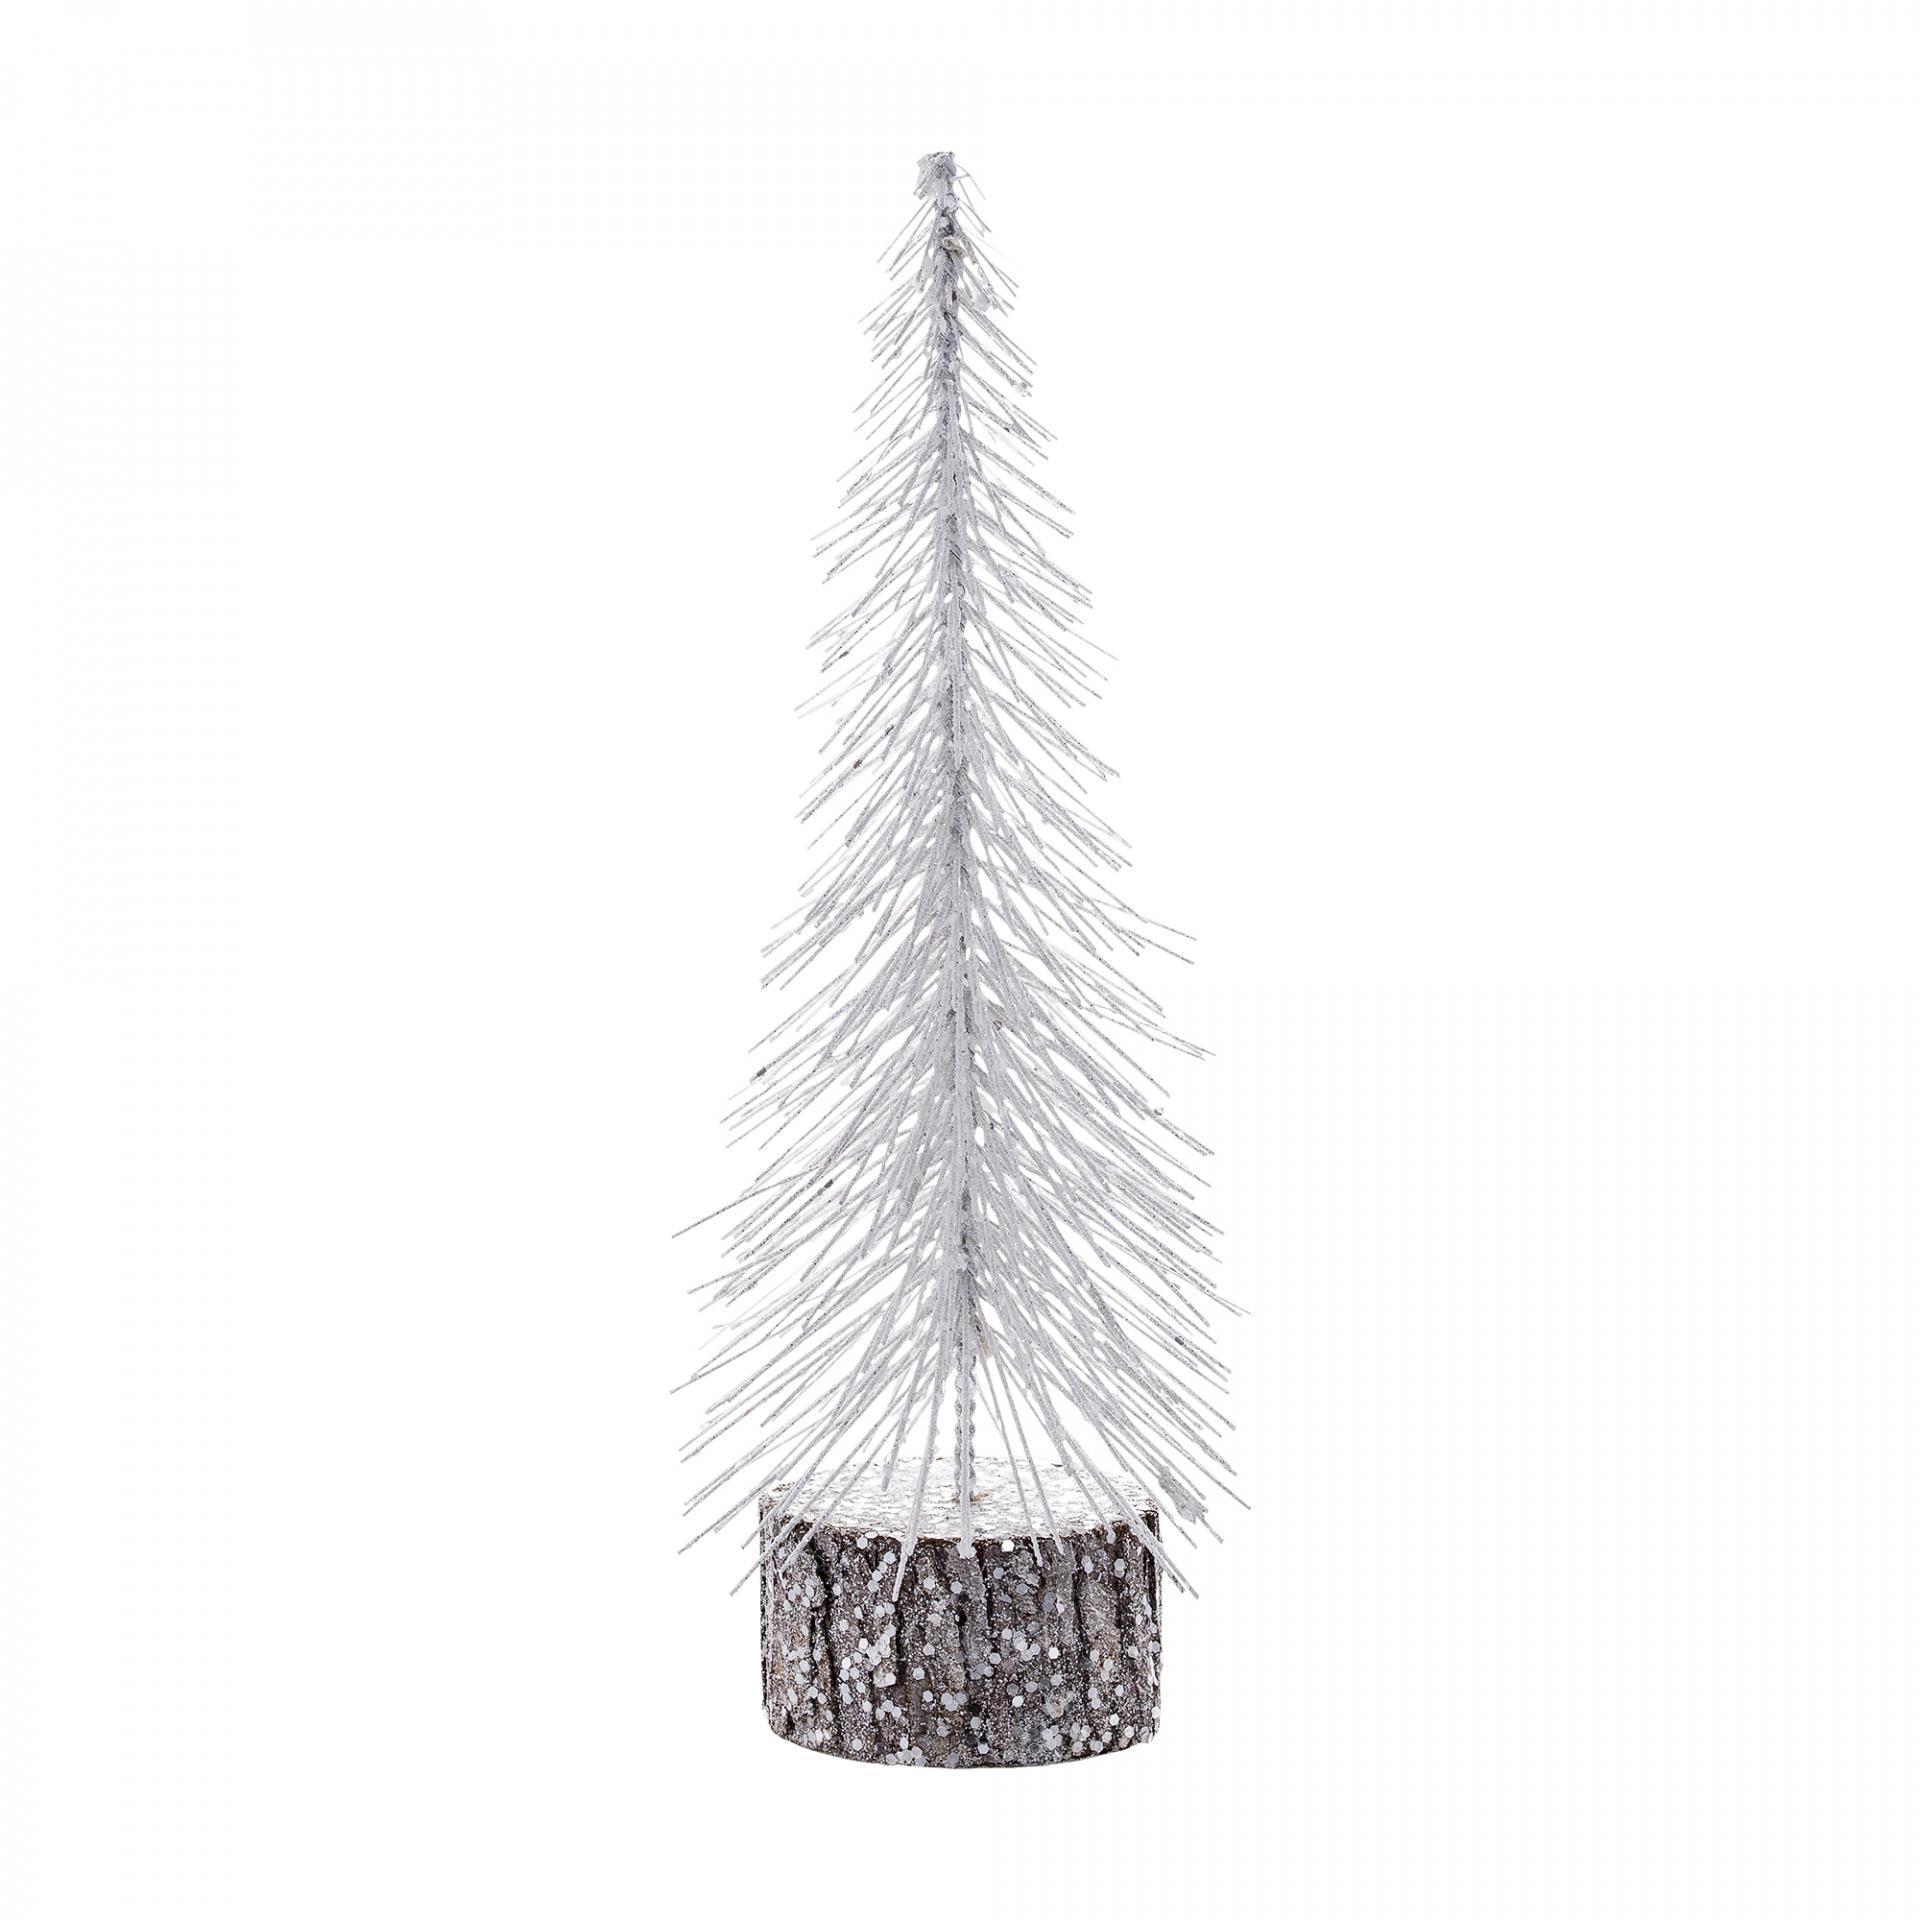 Bloomingville Dekorativní stromeček Glitter White, bílá barva, dřevo, plast